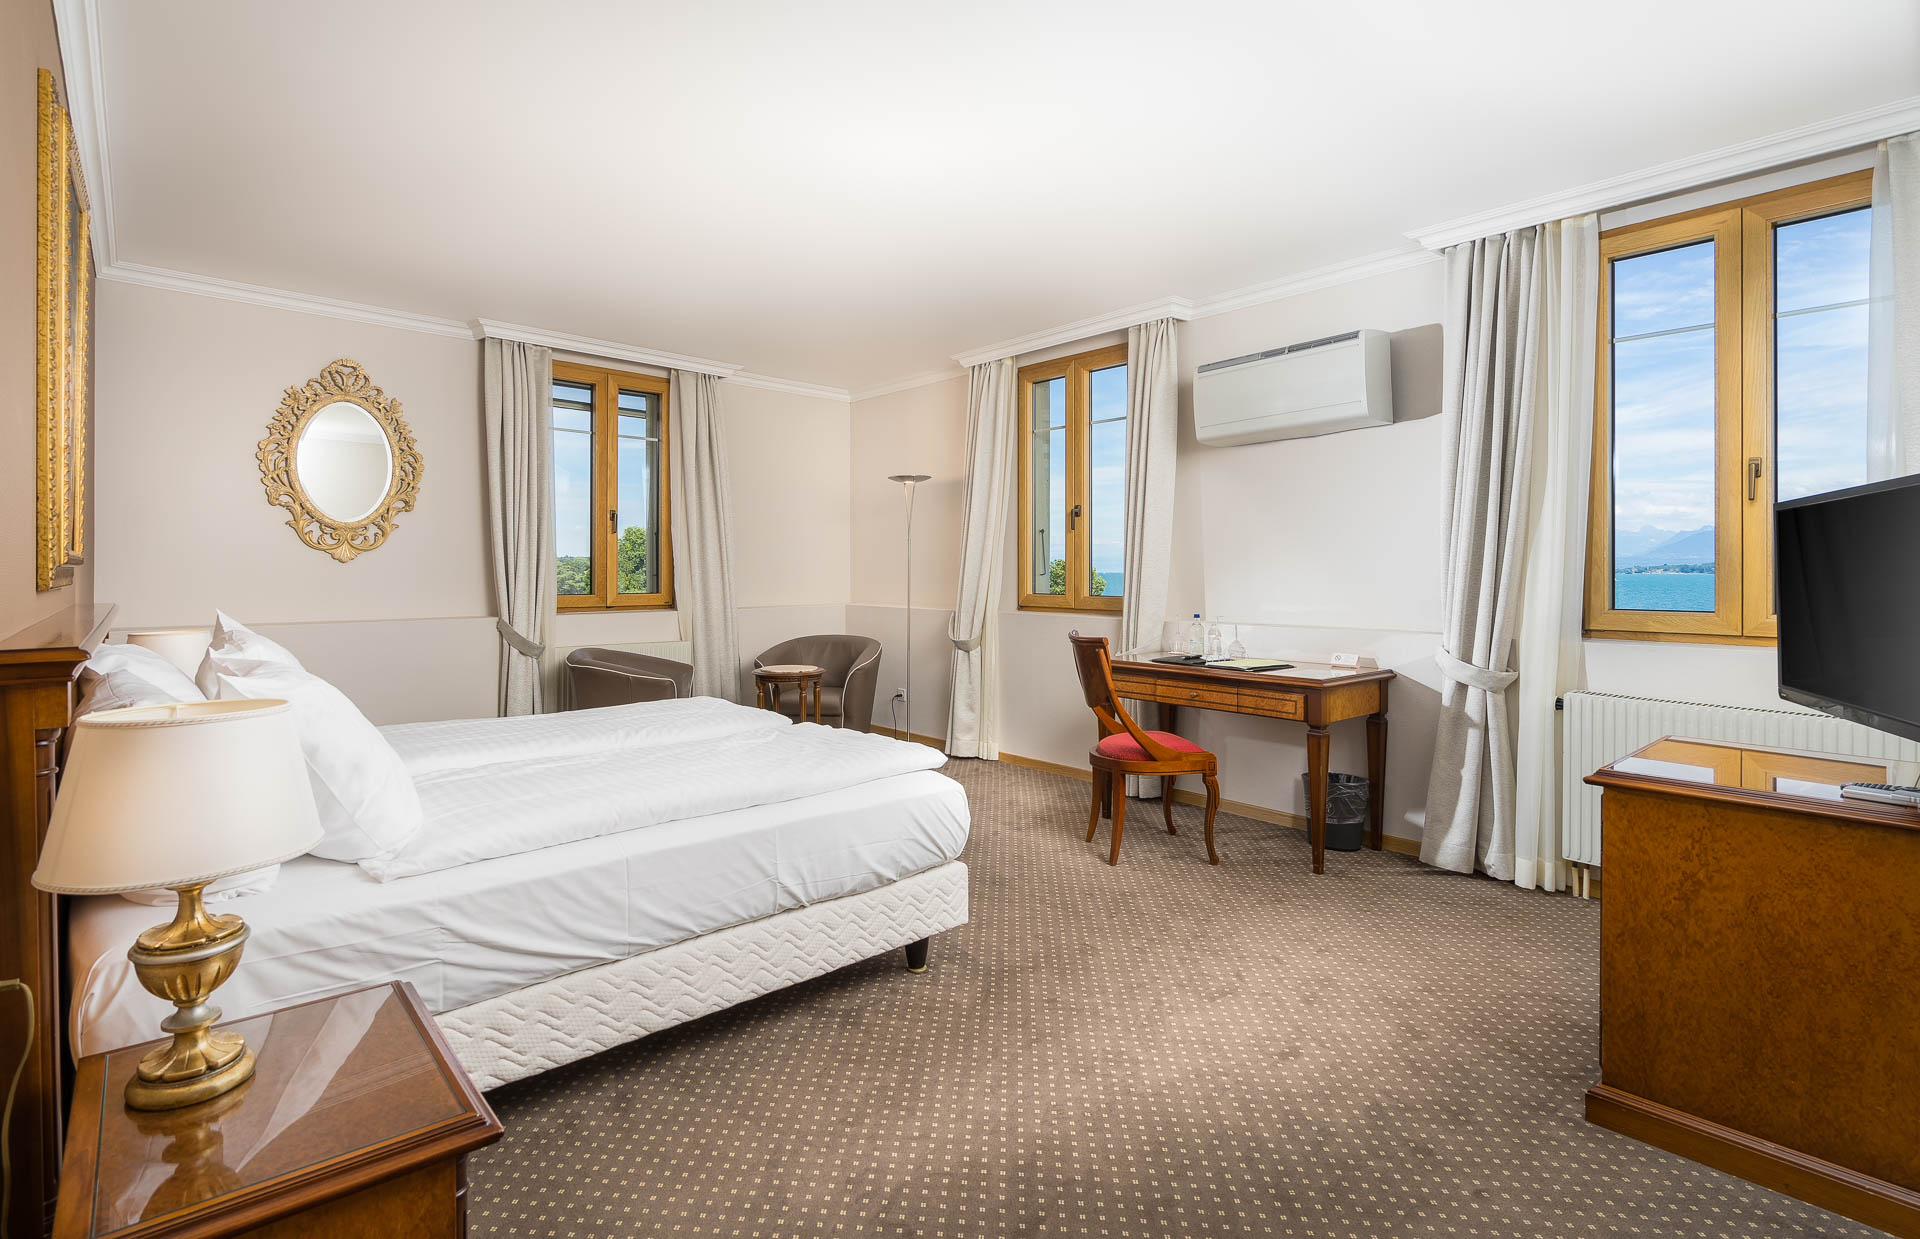 Hotel Le Rive Nyon chambre double